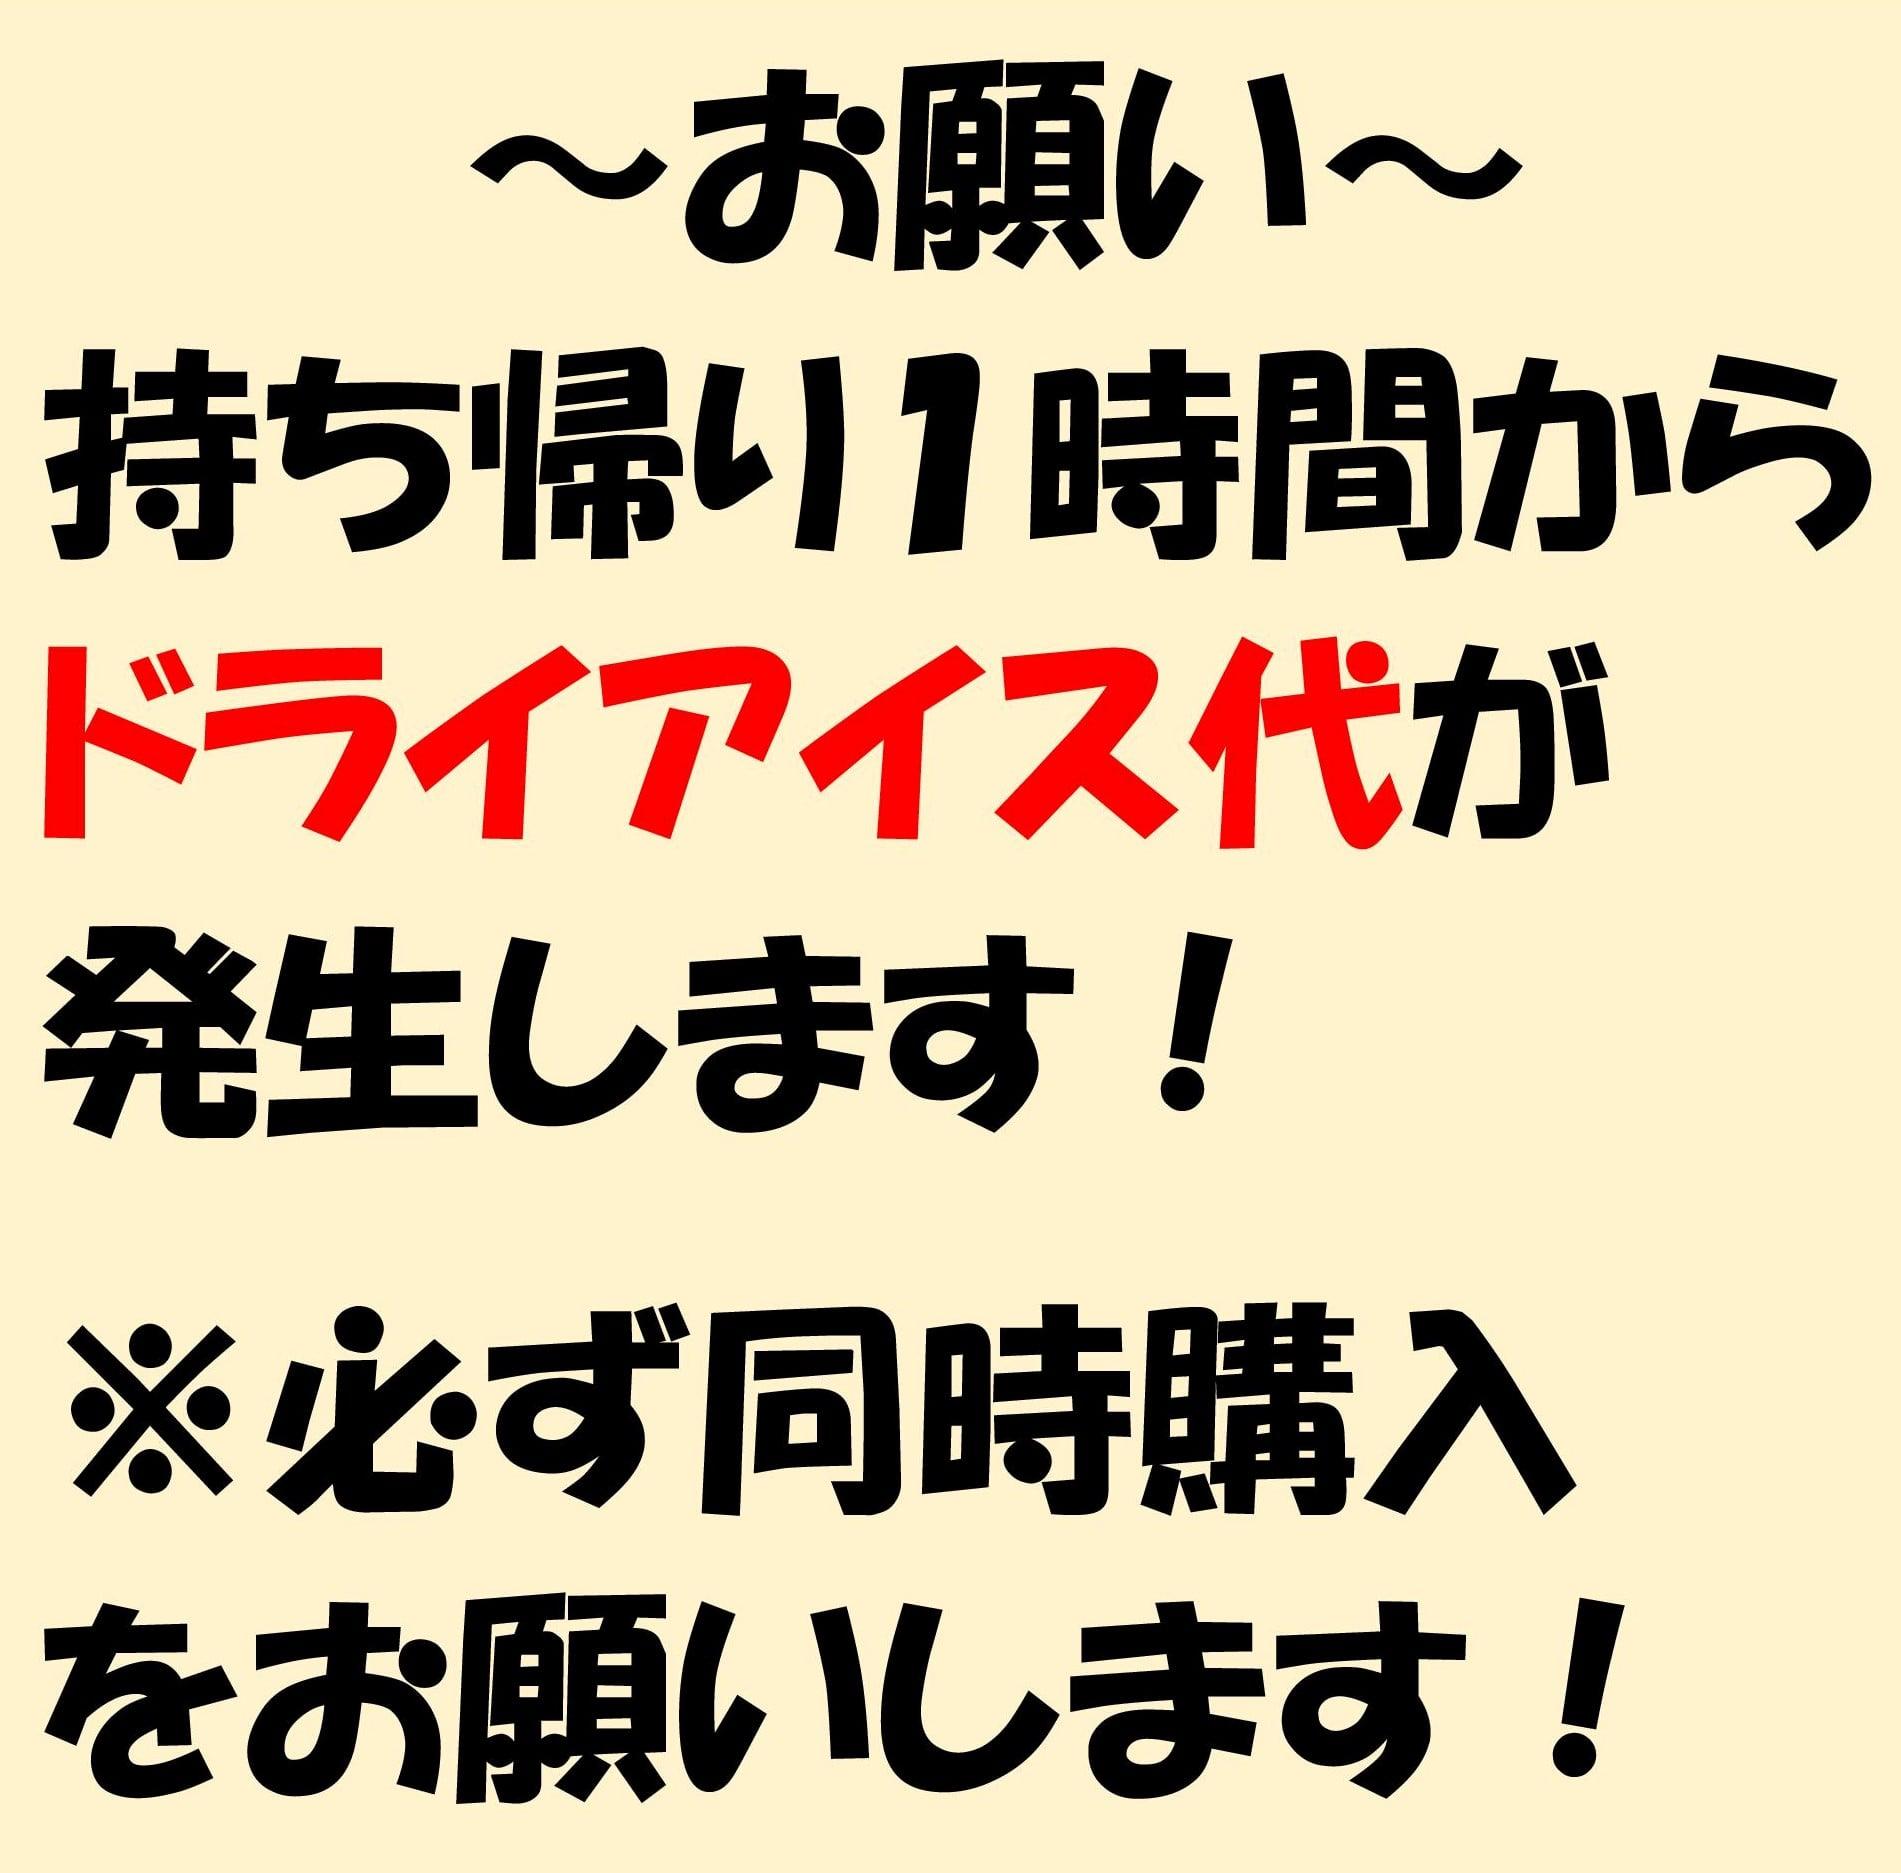 【テイクアウト専用】ジェラートSUGAOカップのイメージその3